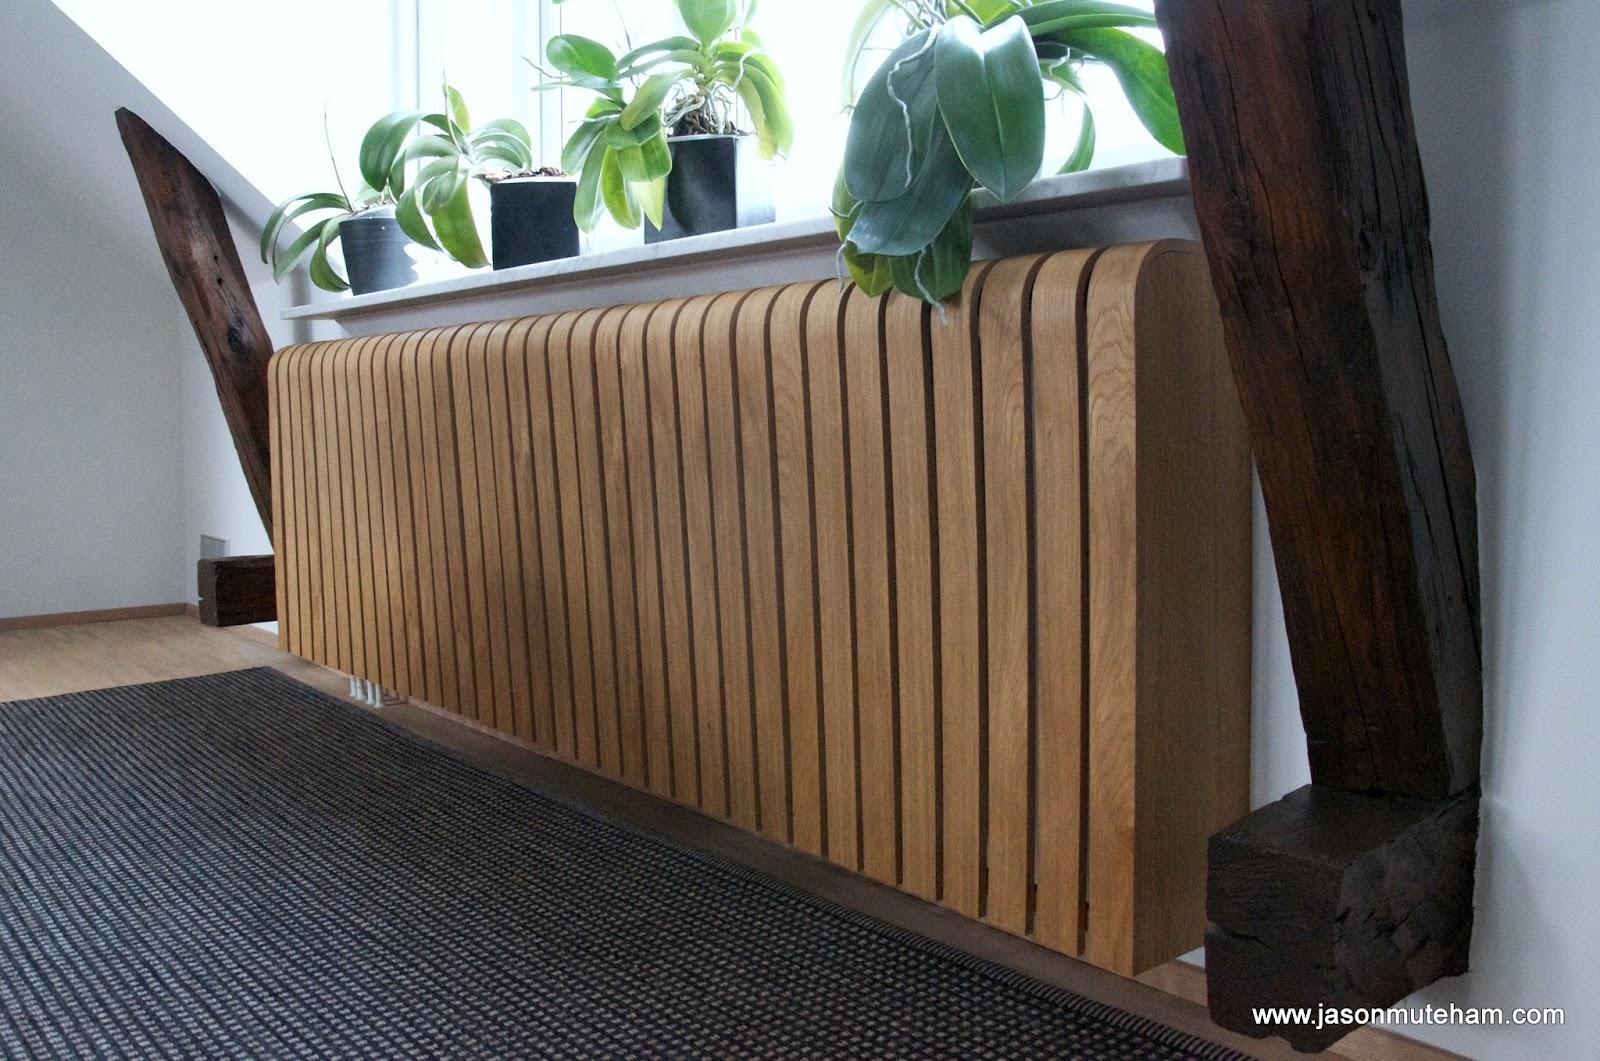 Jason Muteham Furniture Designer Amp Maker April 2012